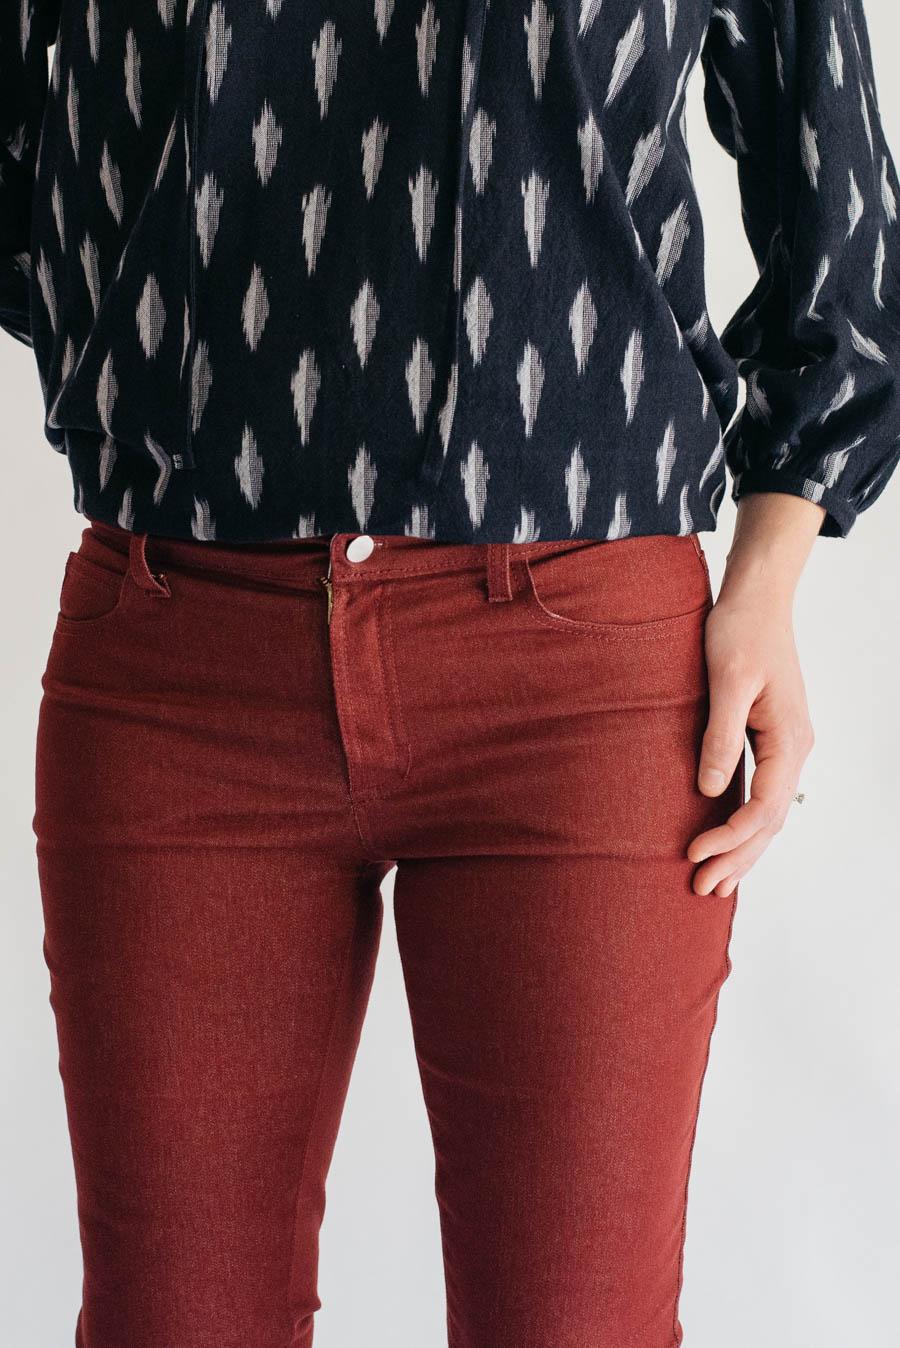 Ginger Jeans + Roscoe Blouse